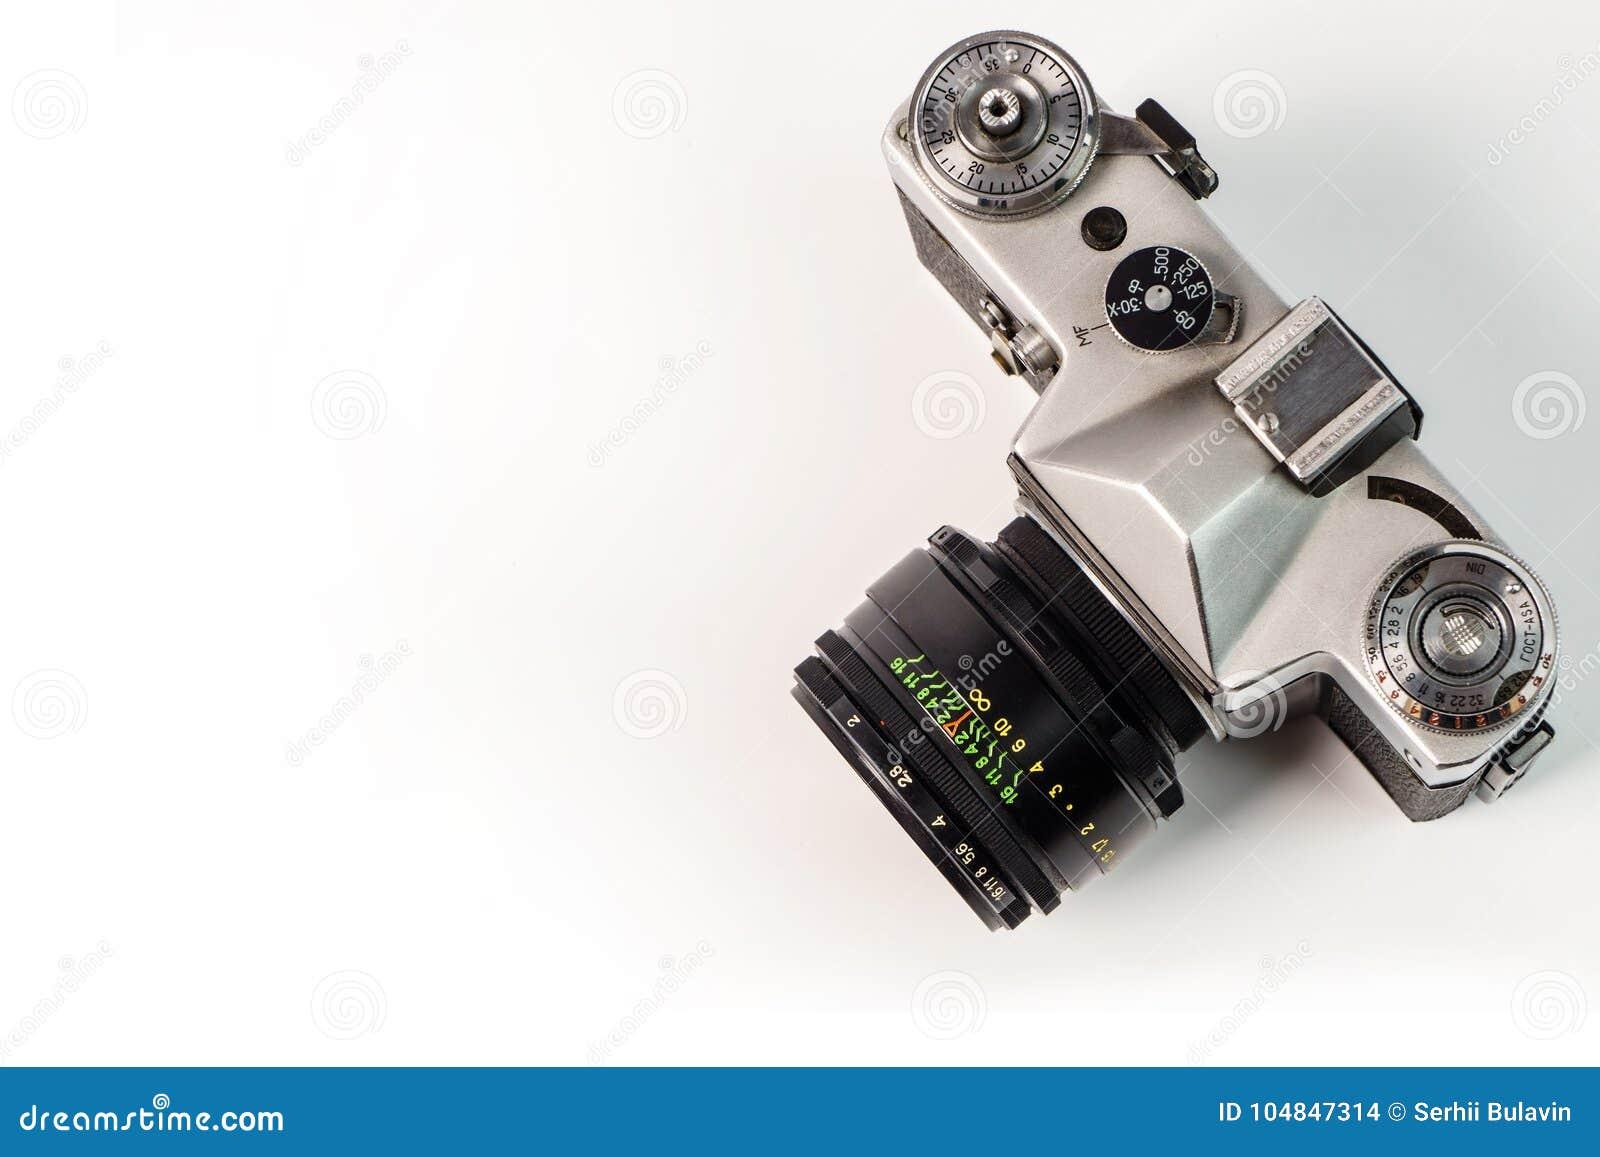 Retro Film Photo Camera Isolated On White Background. Old Analog ...